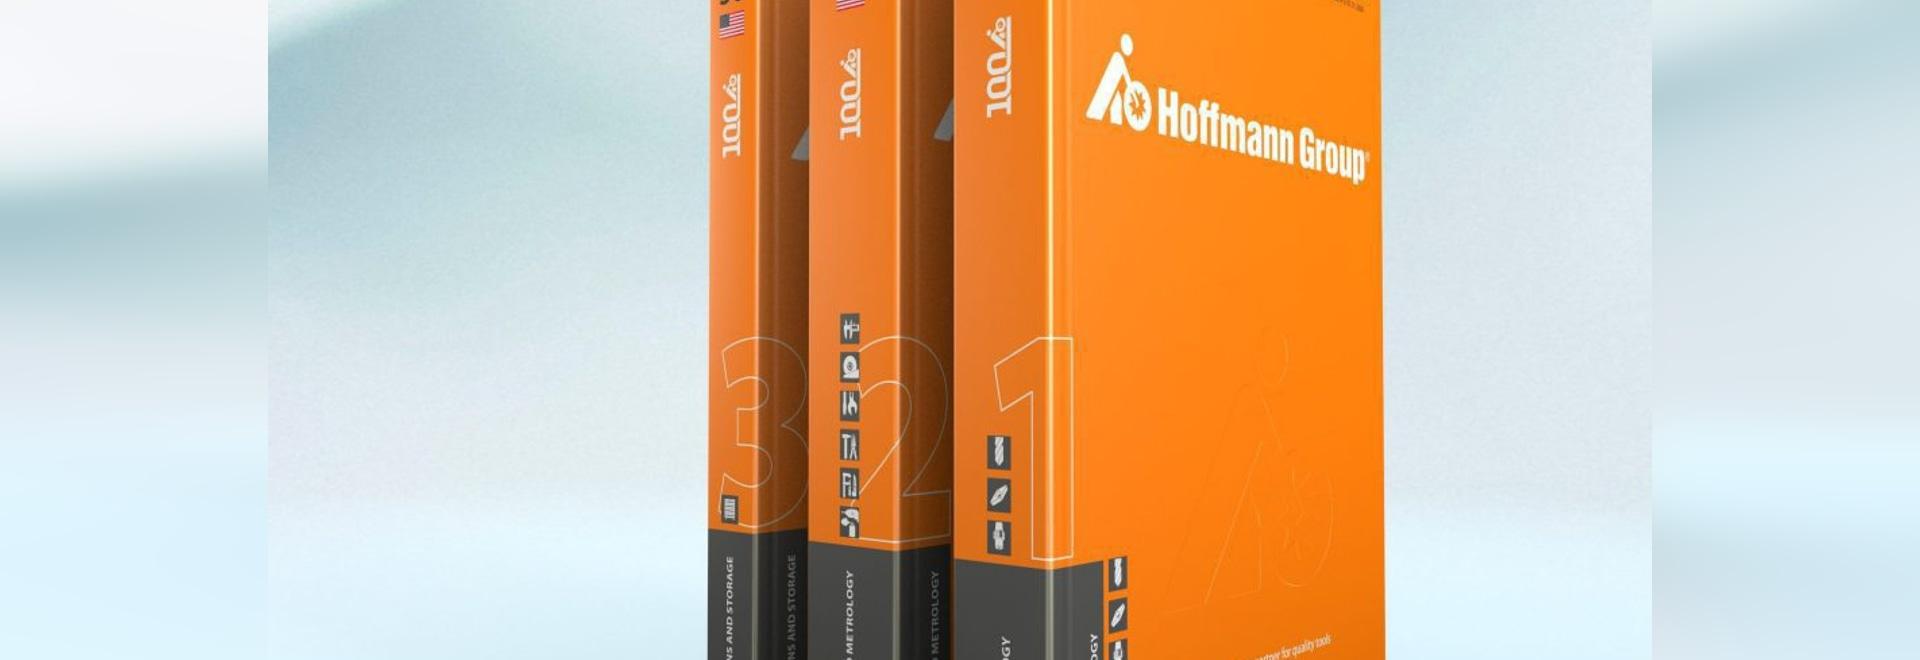 Hoffmann Group USA dévoile son nouveau catalogue 2019/2020